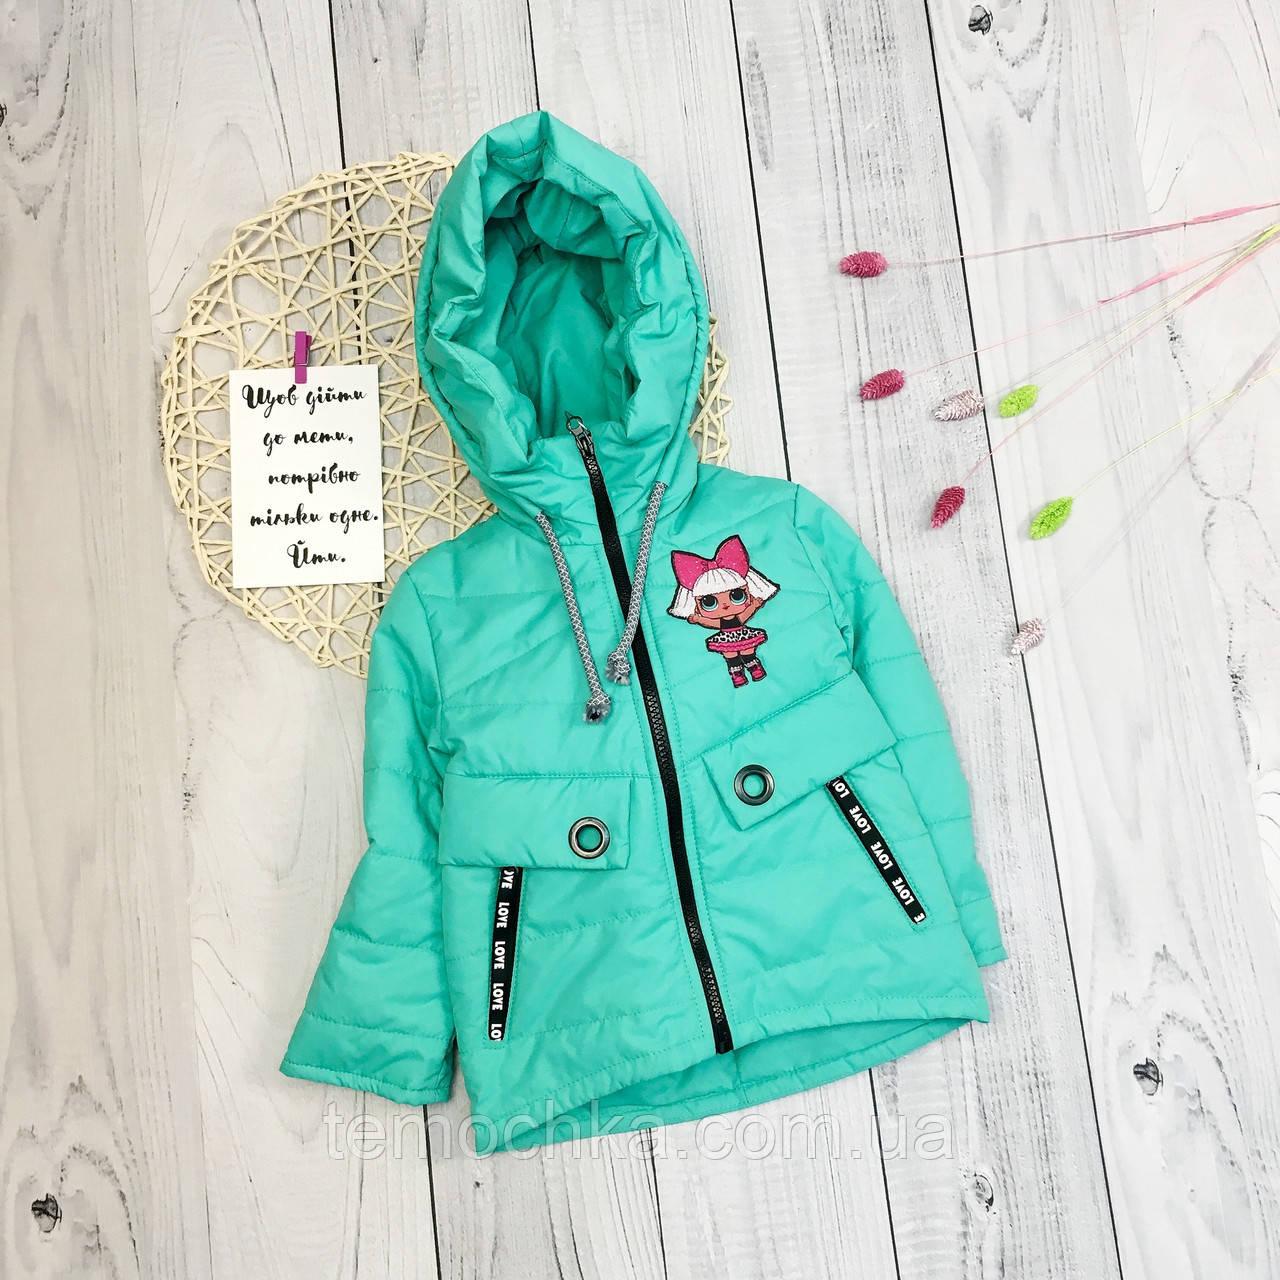 Зелена куртка вітровка на осінь або весну для дівчинки Лол